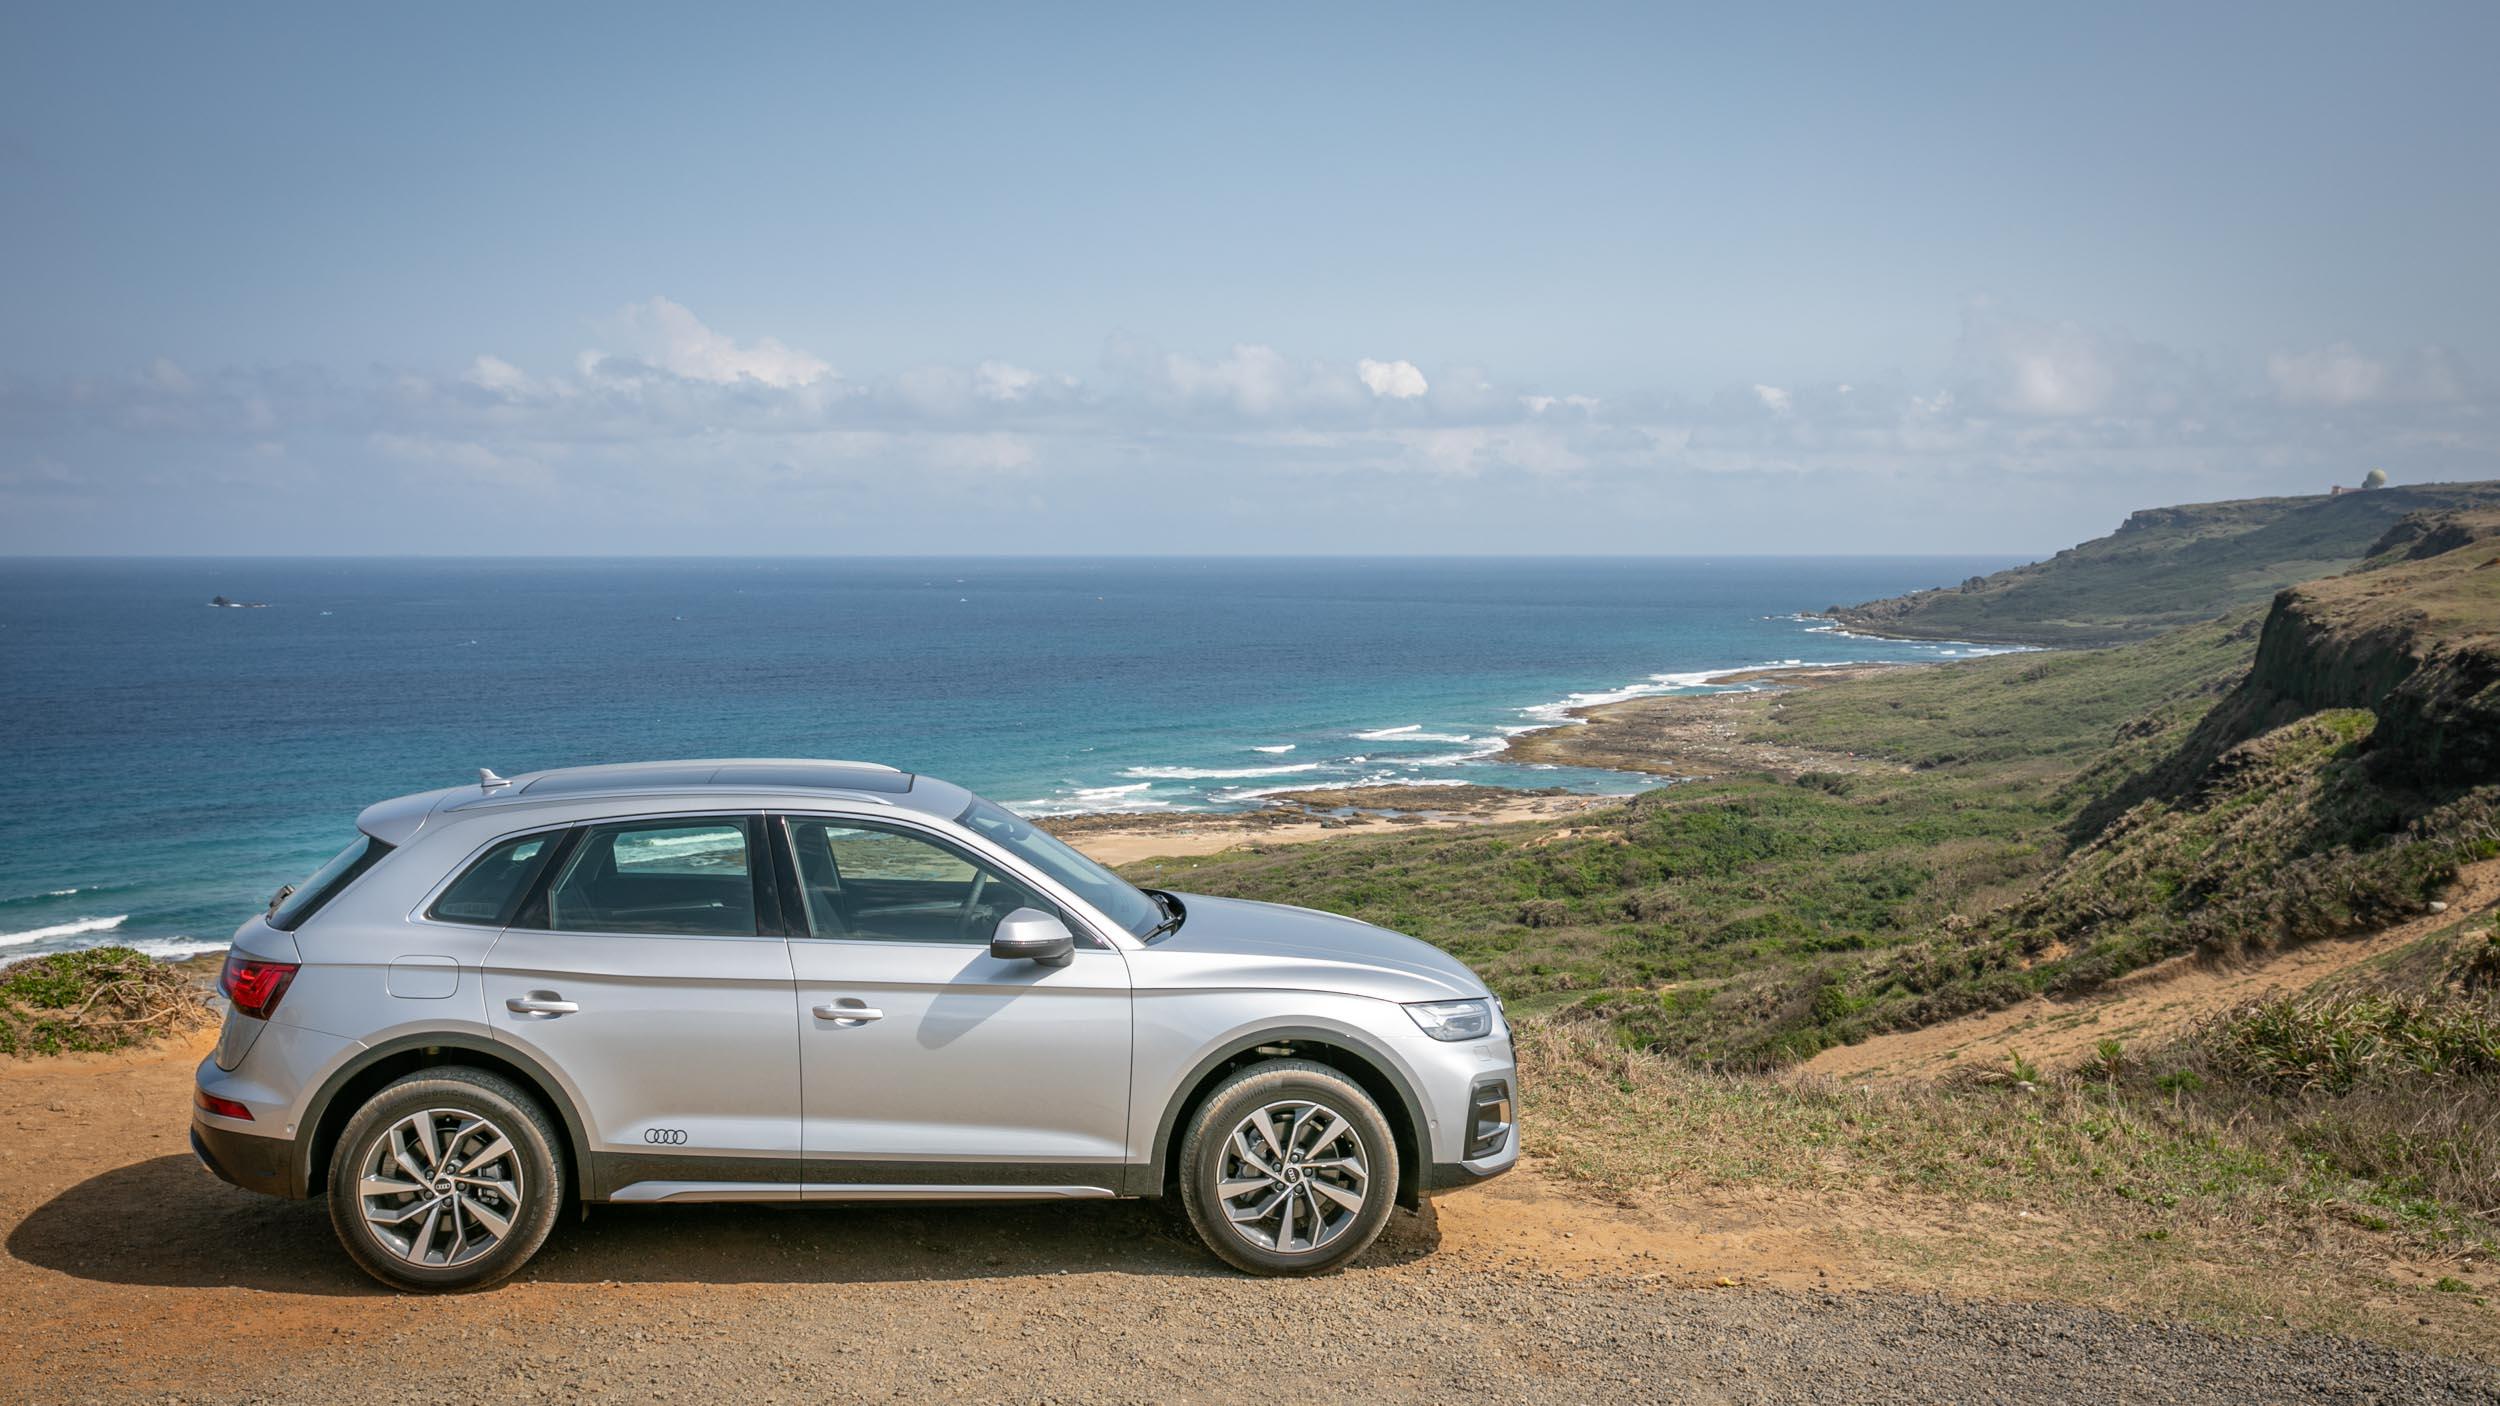 試駕車款為 Q5 45 TFSI quattro Edition One 車型,以 advanced 車型為基礎加上專屬套件,售價為新台幣 279 萬起。